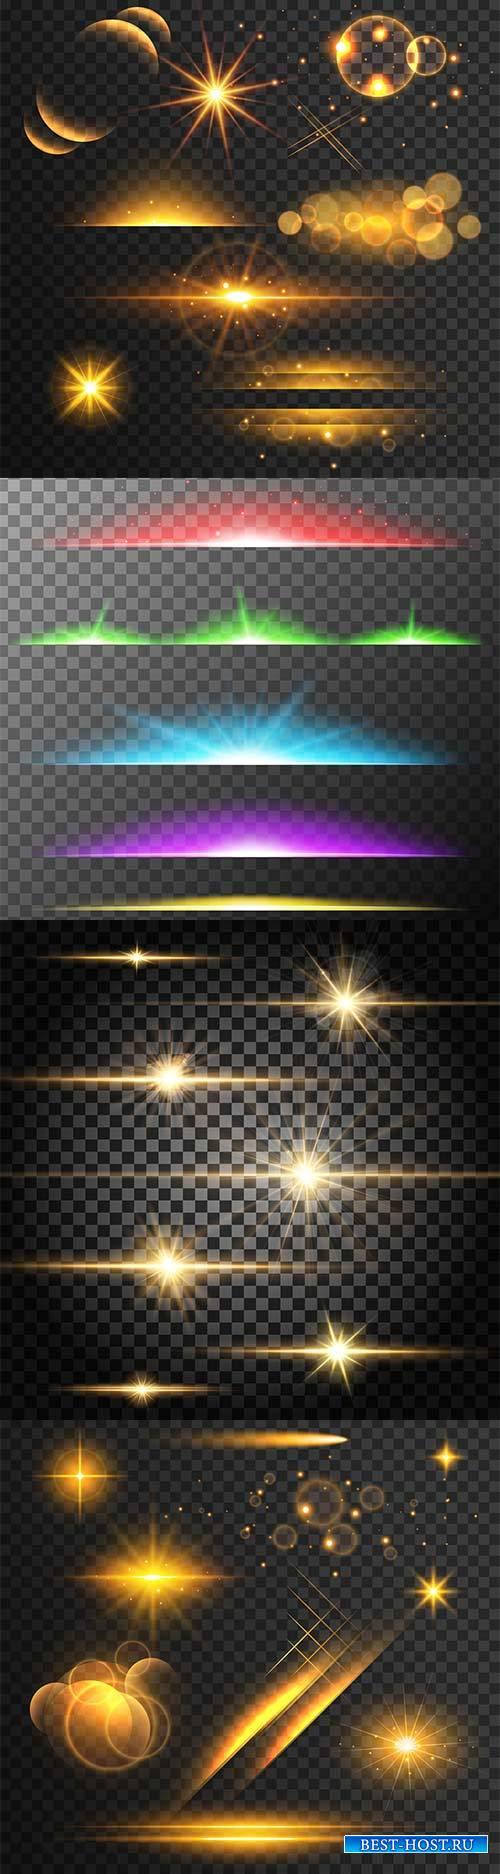 Световые эффекты - Векторный клипарт